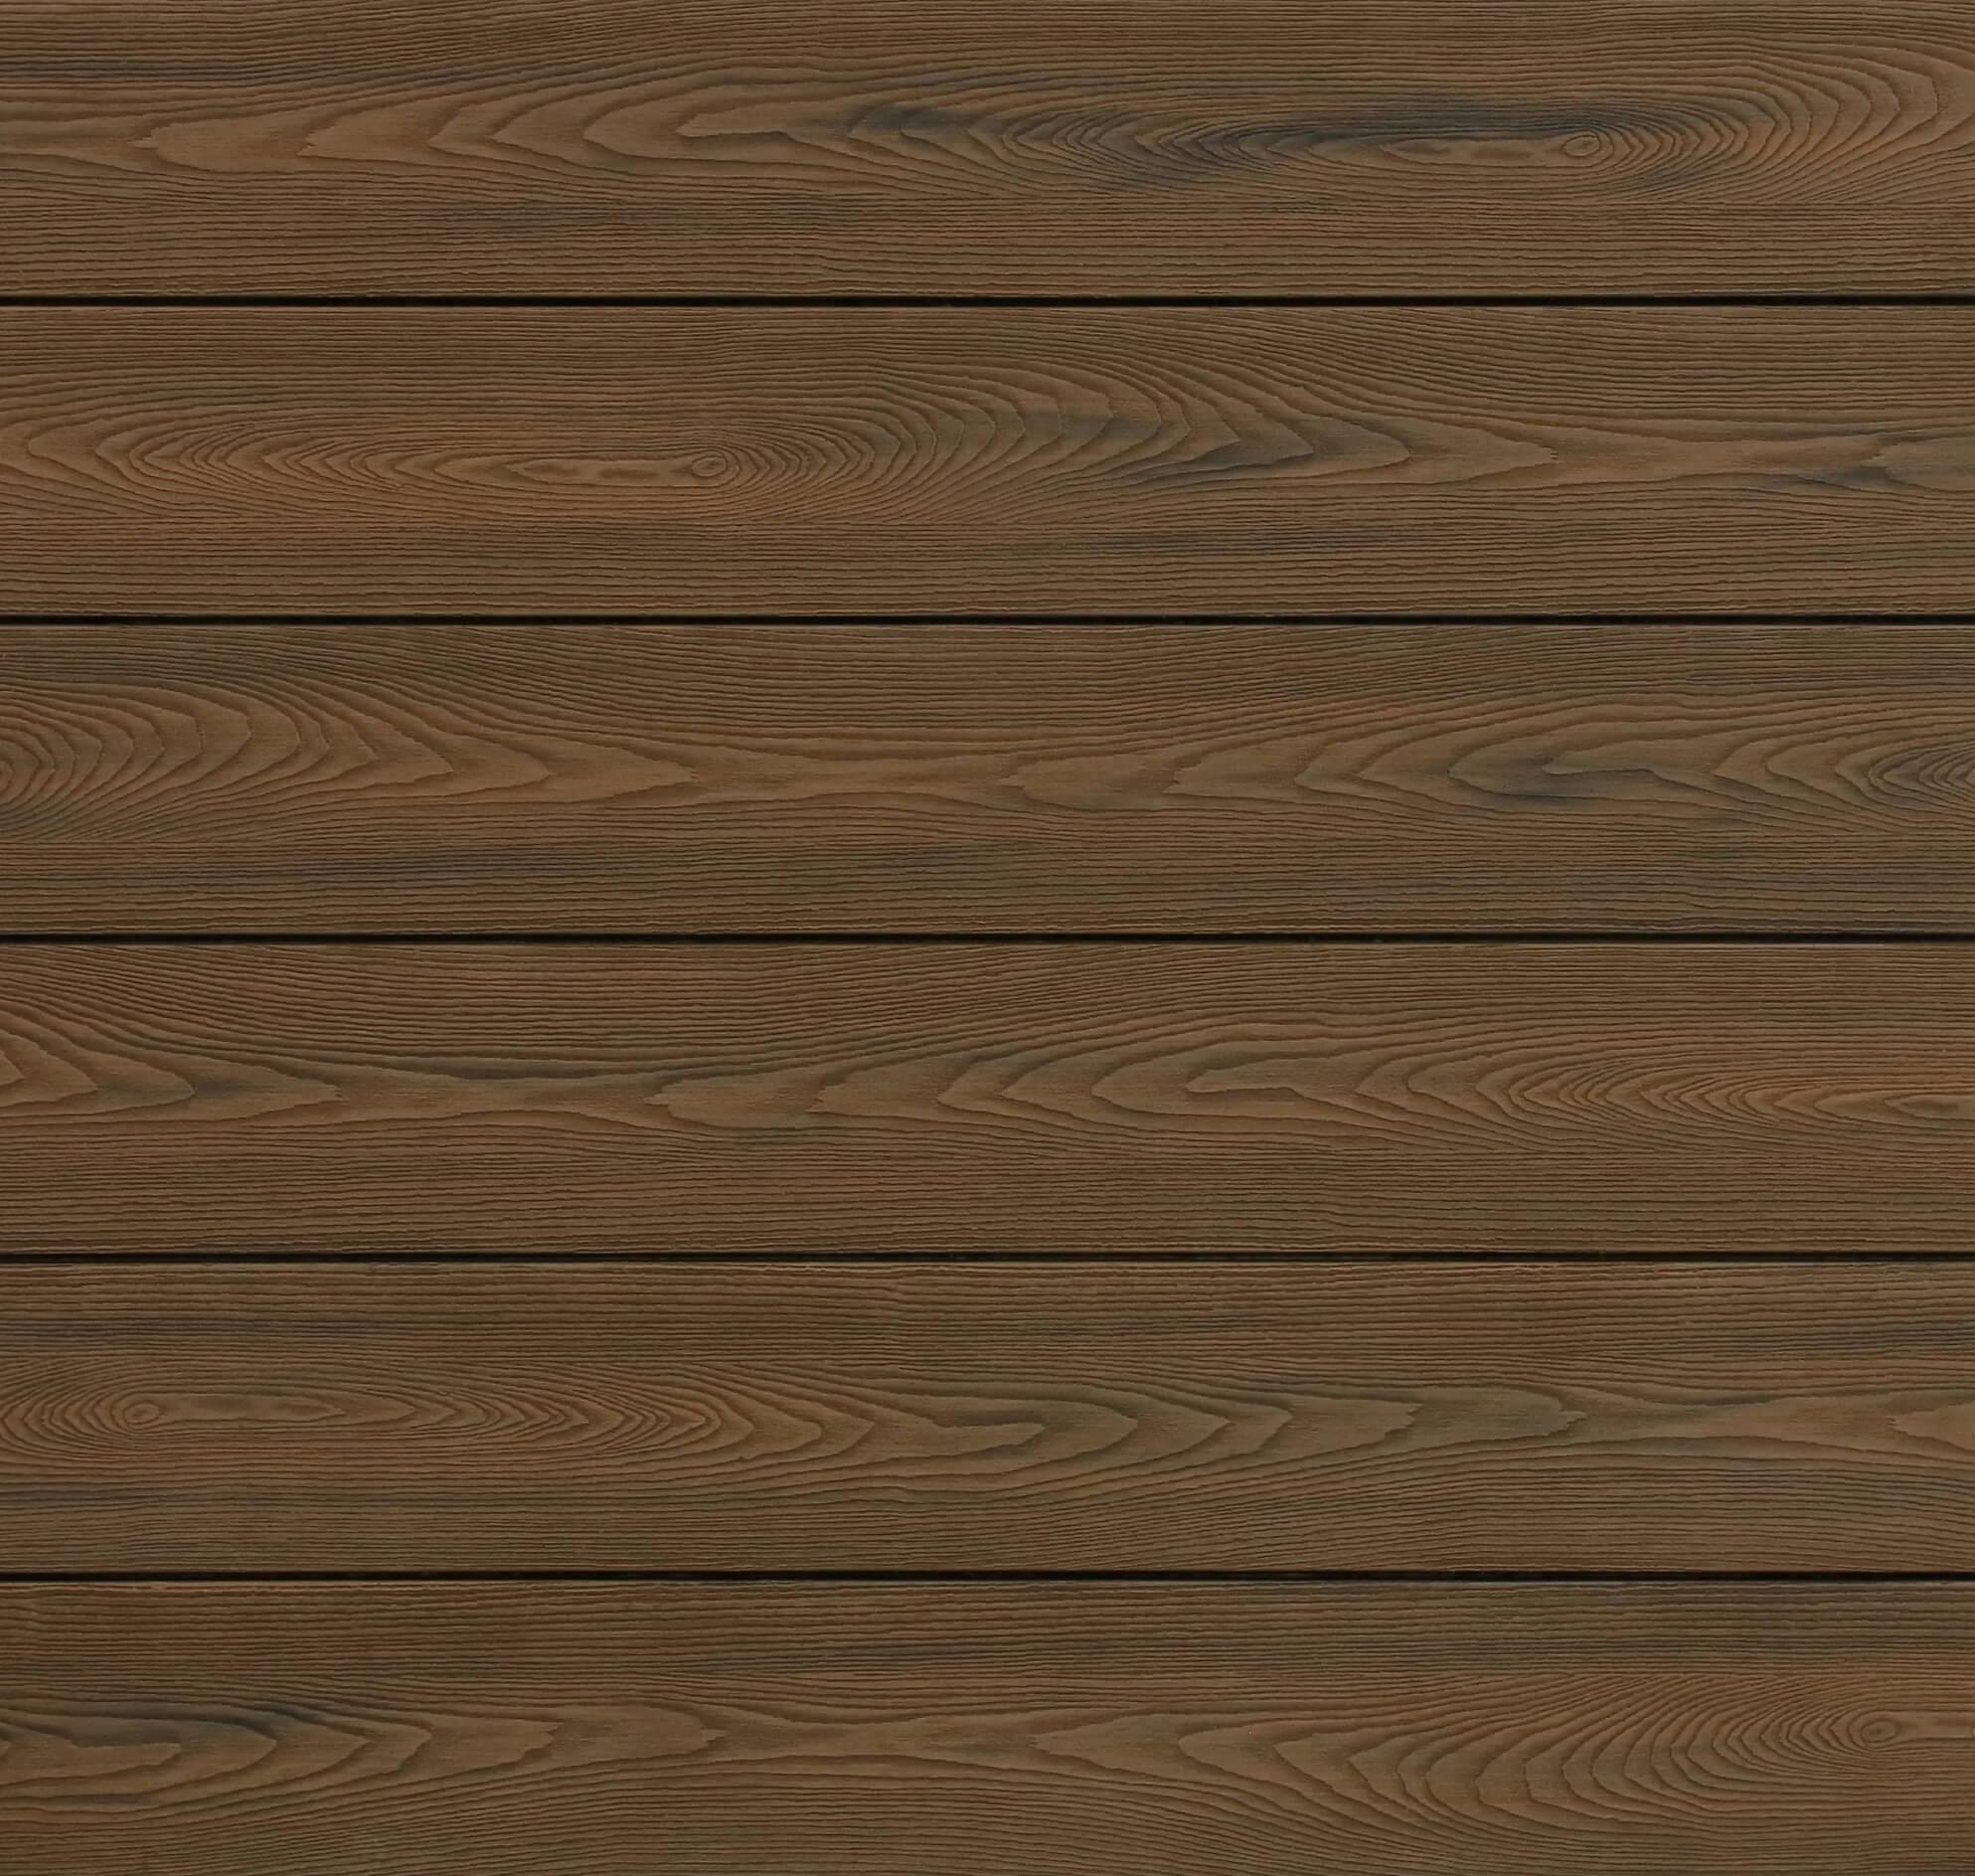 WPC Terrassendielen massiv, bicolor im Farbton Thermoeiche, Struktur in Holzoptik, 22 x 143 bis 4800 mm, Vollprofil für 10,90 €/lfm